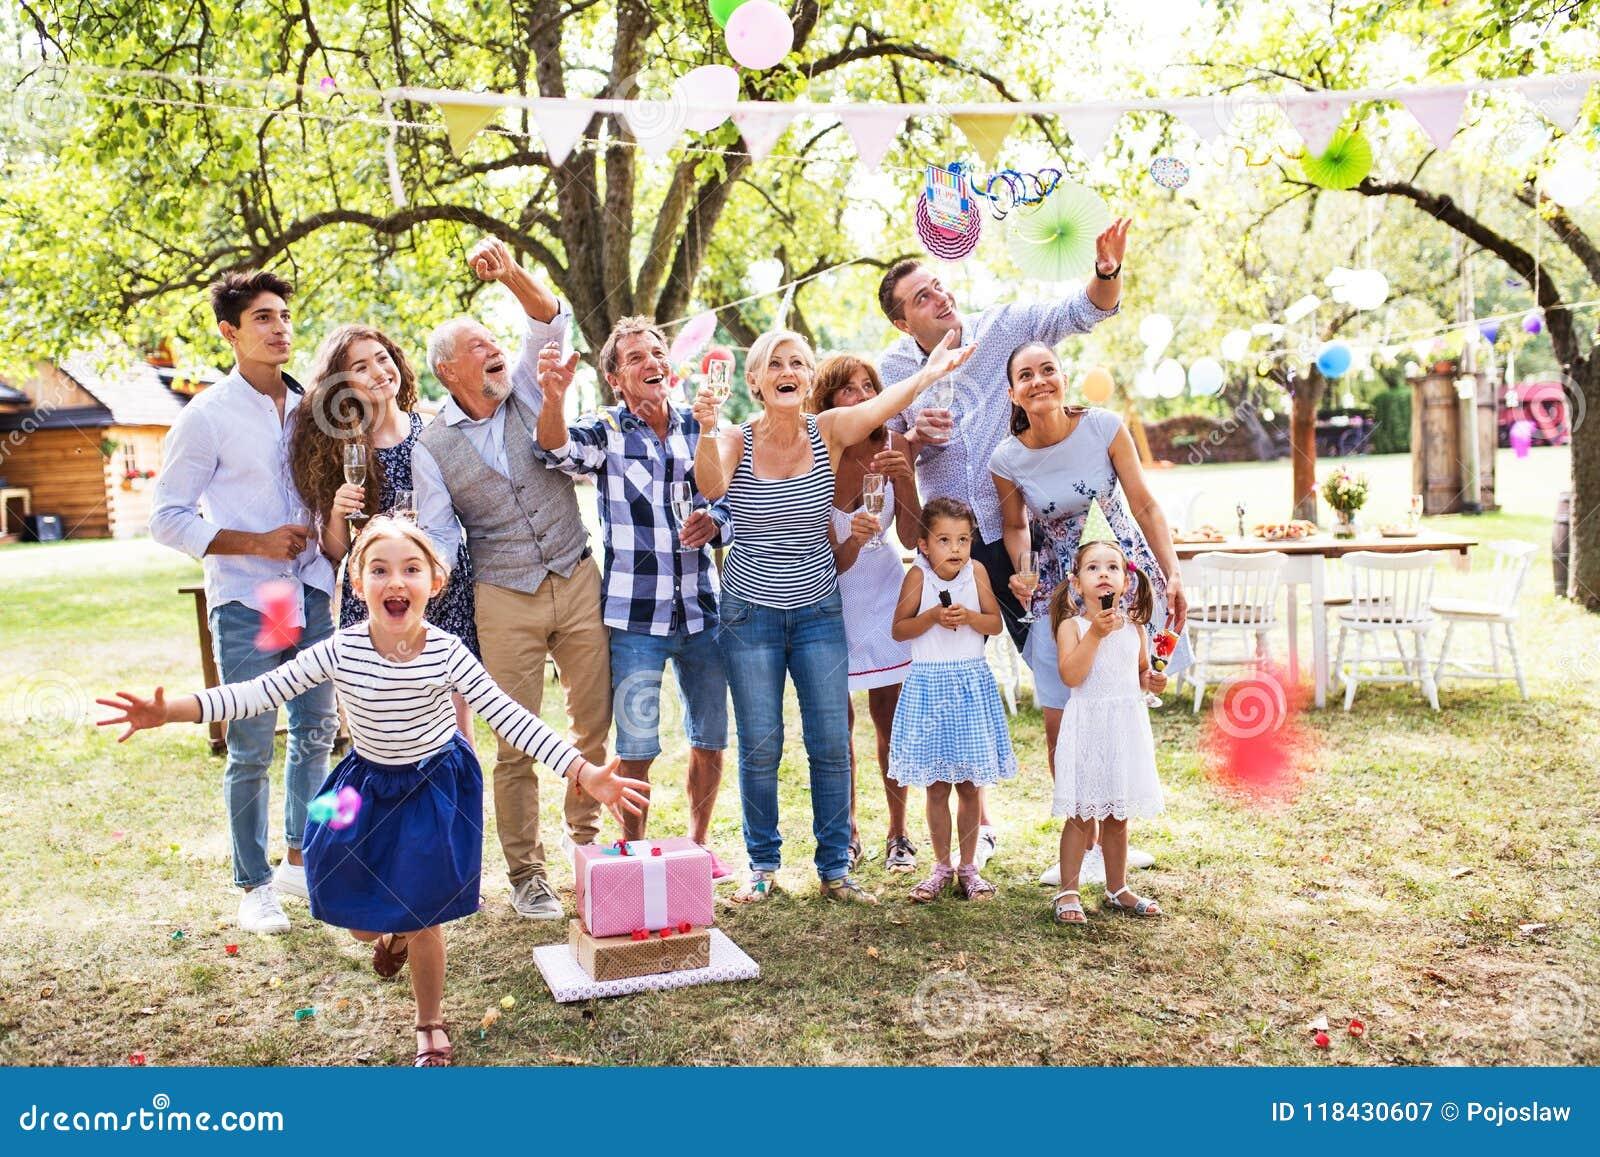 Celebração de família ou um partido de jardim fora no quintal